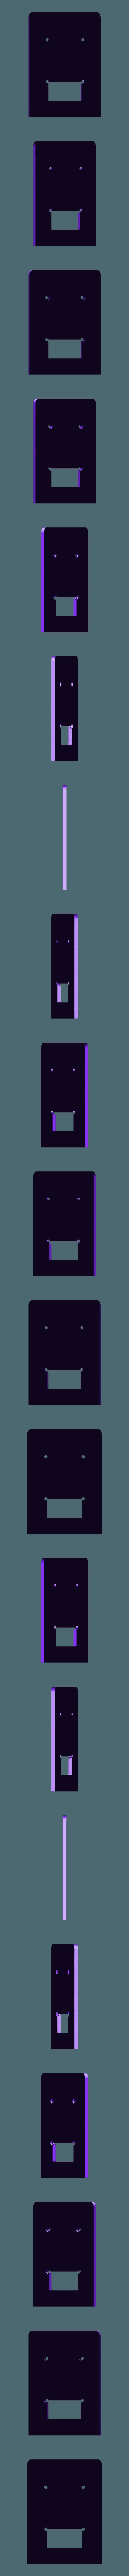 WingMountPlate_1_Scaled.stl Télécharger fichier STL gratuit Module HF3D : Plan imprimé 3D • Modèle pour imprimante 3D, FurEter